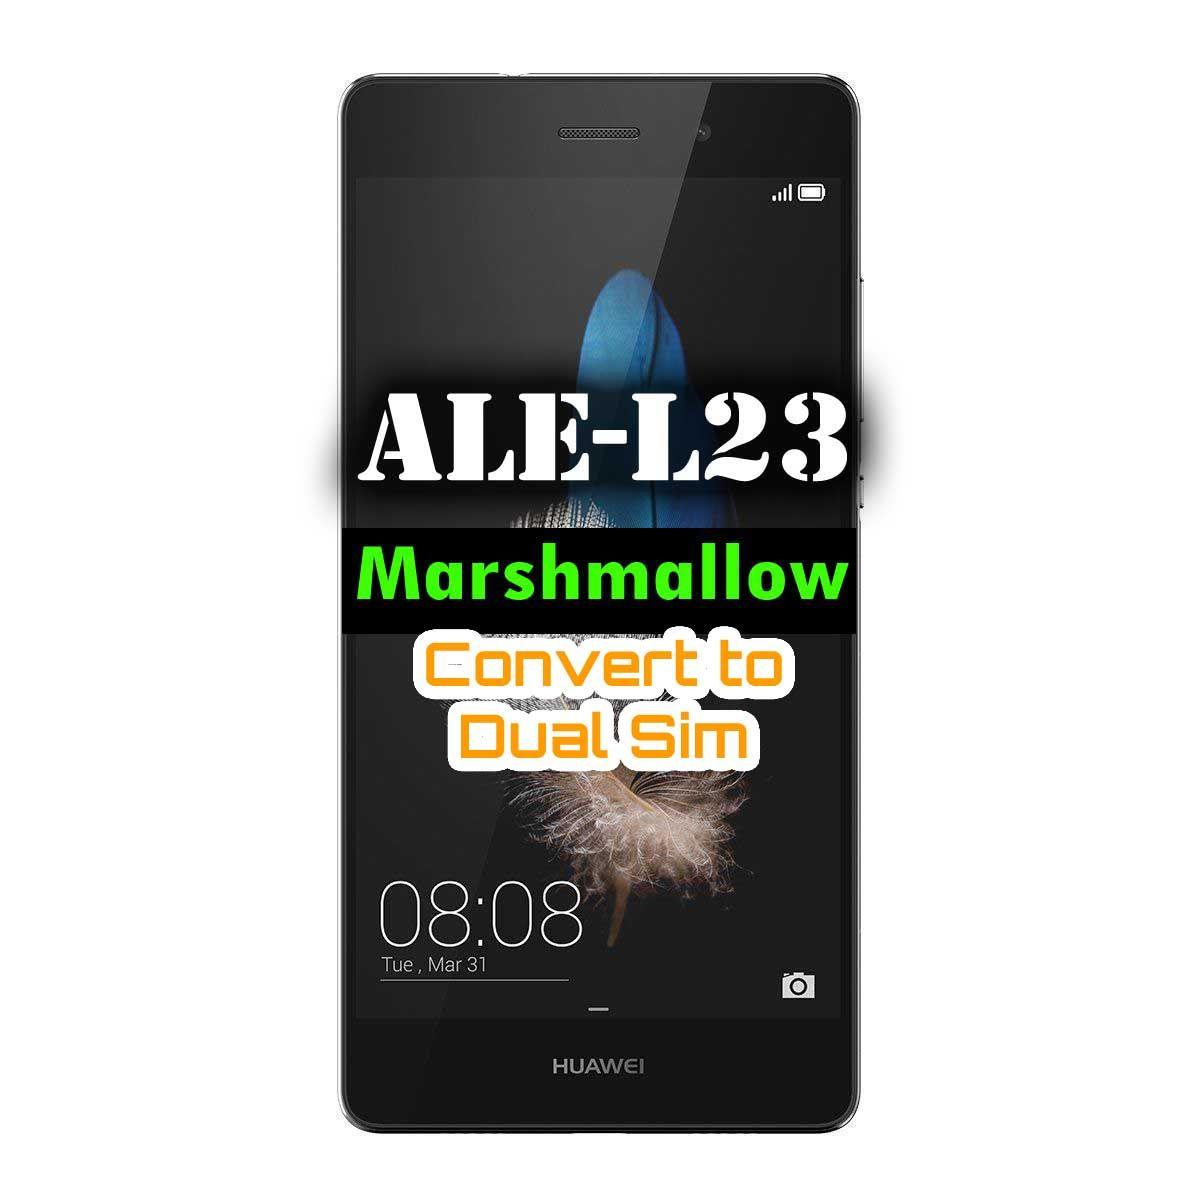 Huawei P8 Lite ALE-L23 Balong Fix /Convert to Dual Sim